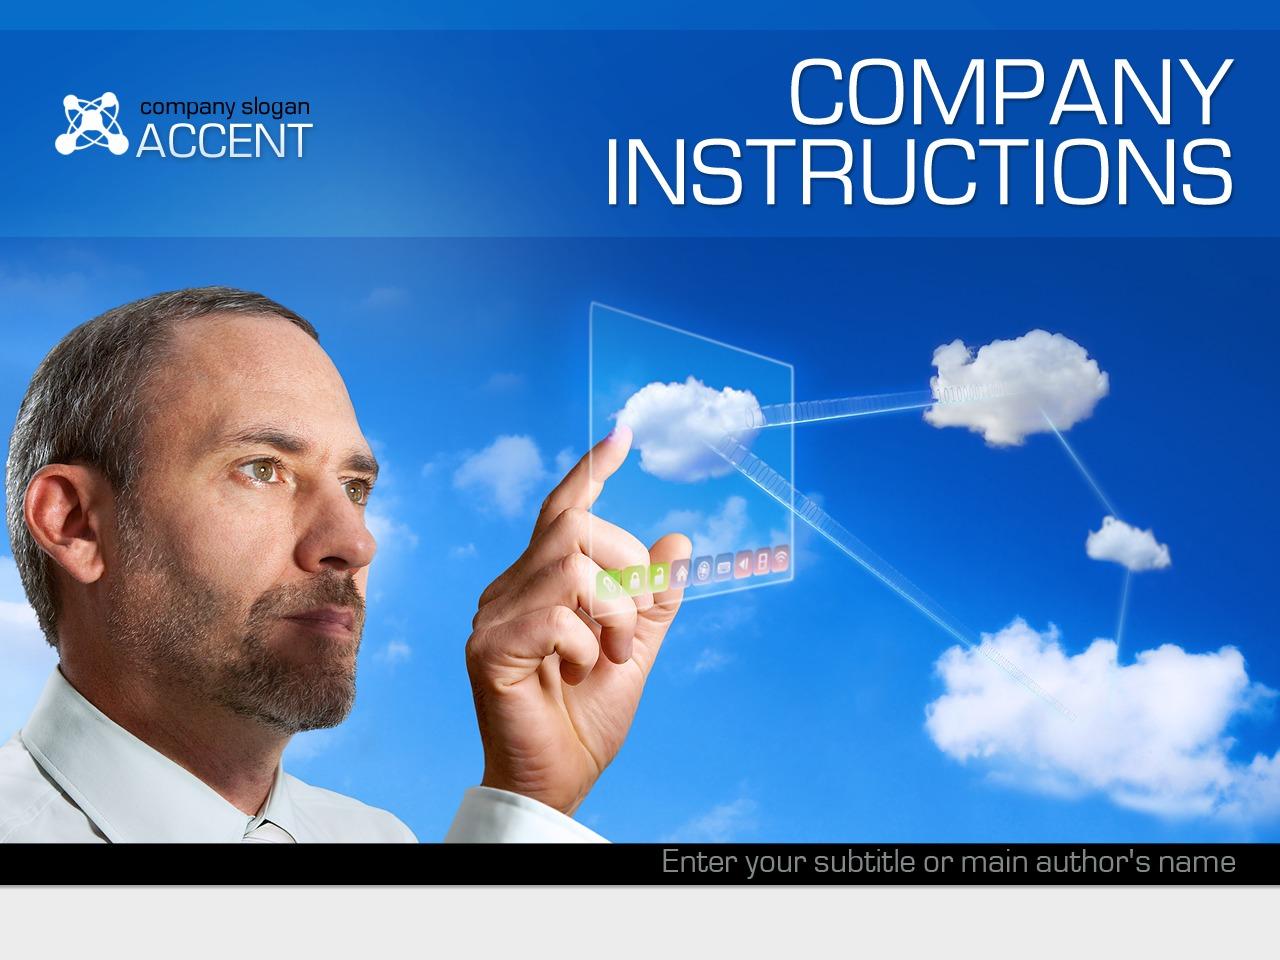 PowerPoint Vorlage für Business und Dienstleistungen #35816 - Screenshot